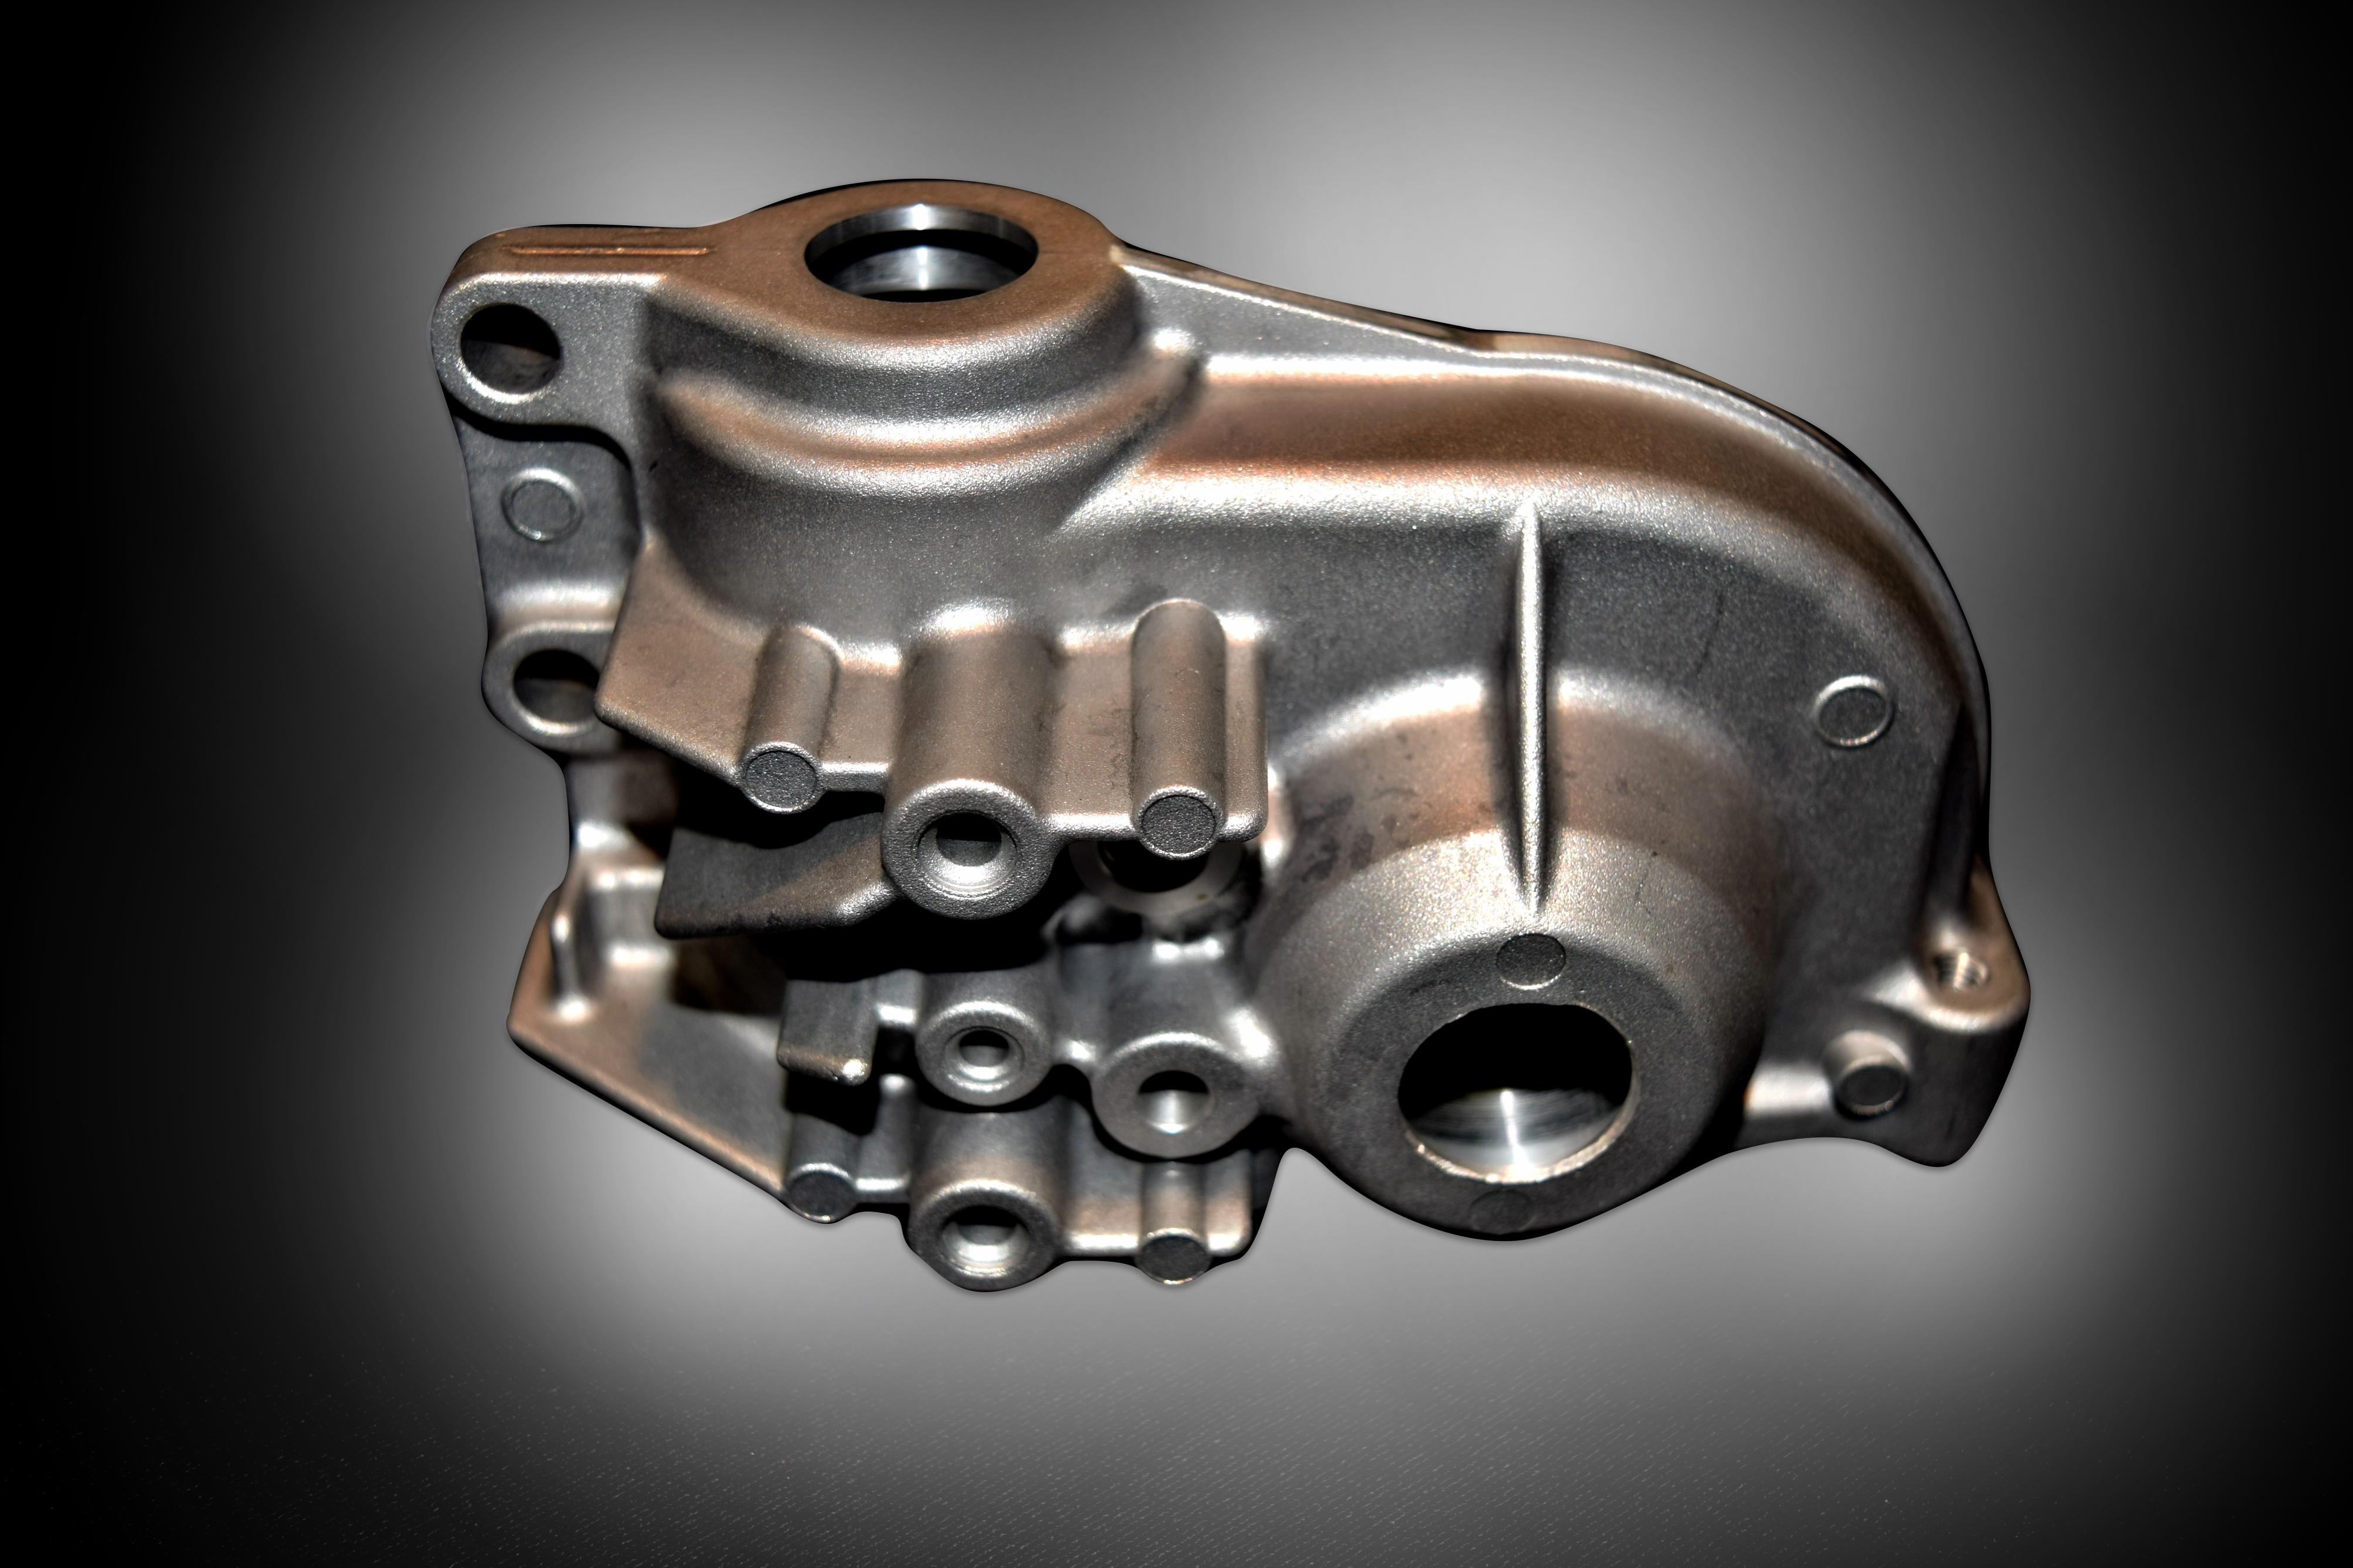 Automotive, Aluminum Die Casting, Medium Casting (2), Die Casting Products, Medium Die Cast Parts, RCM Parts